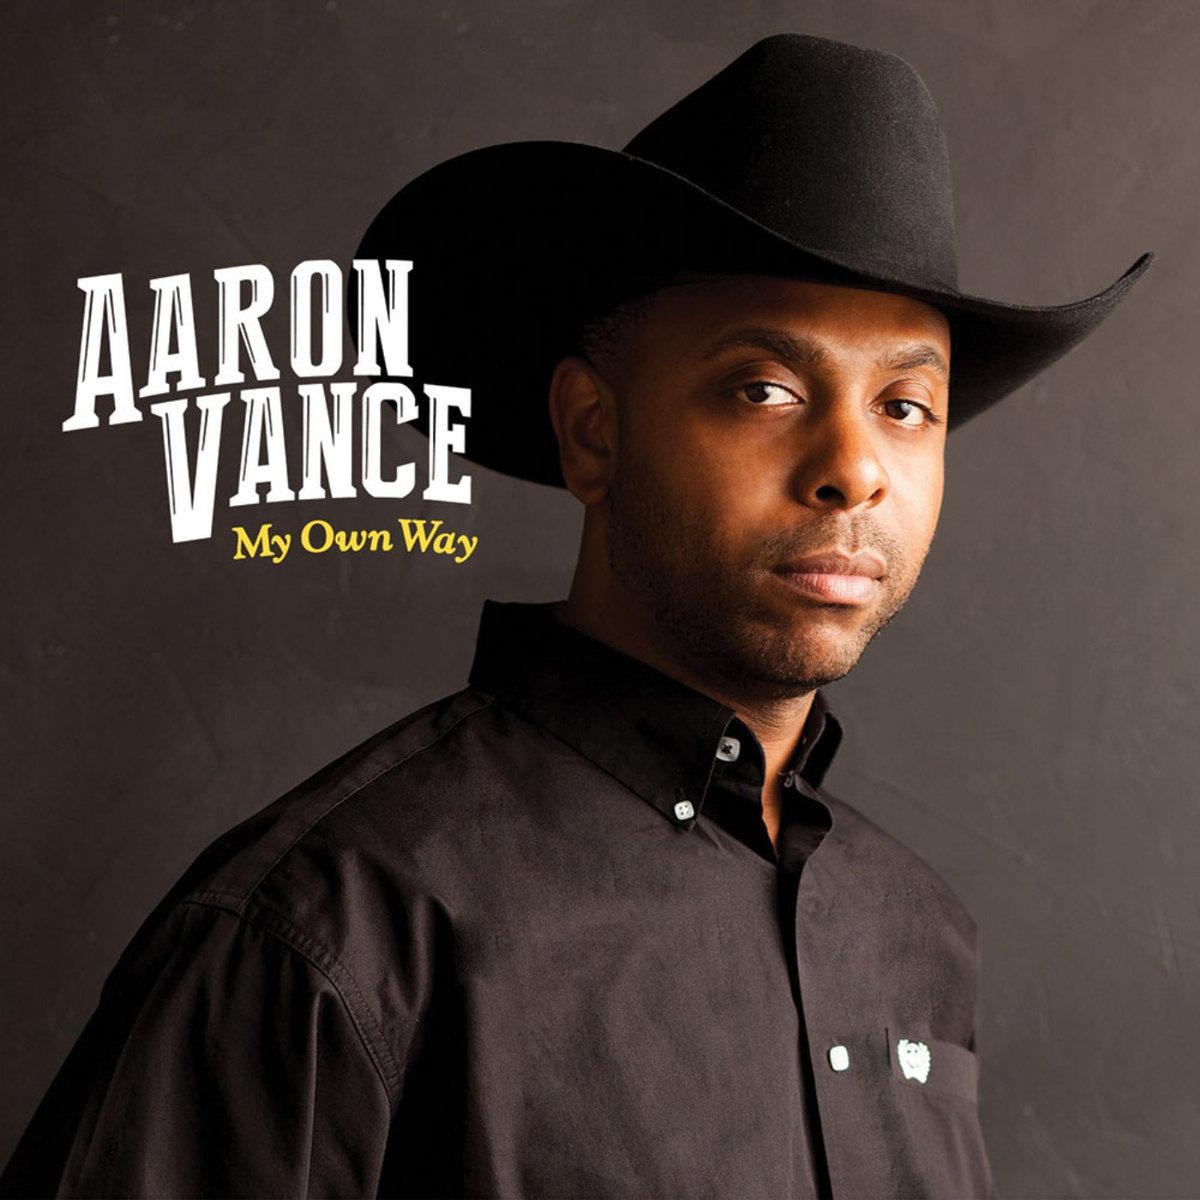 My Own Way do Aaron Vance